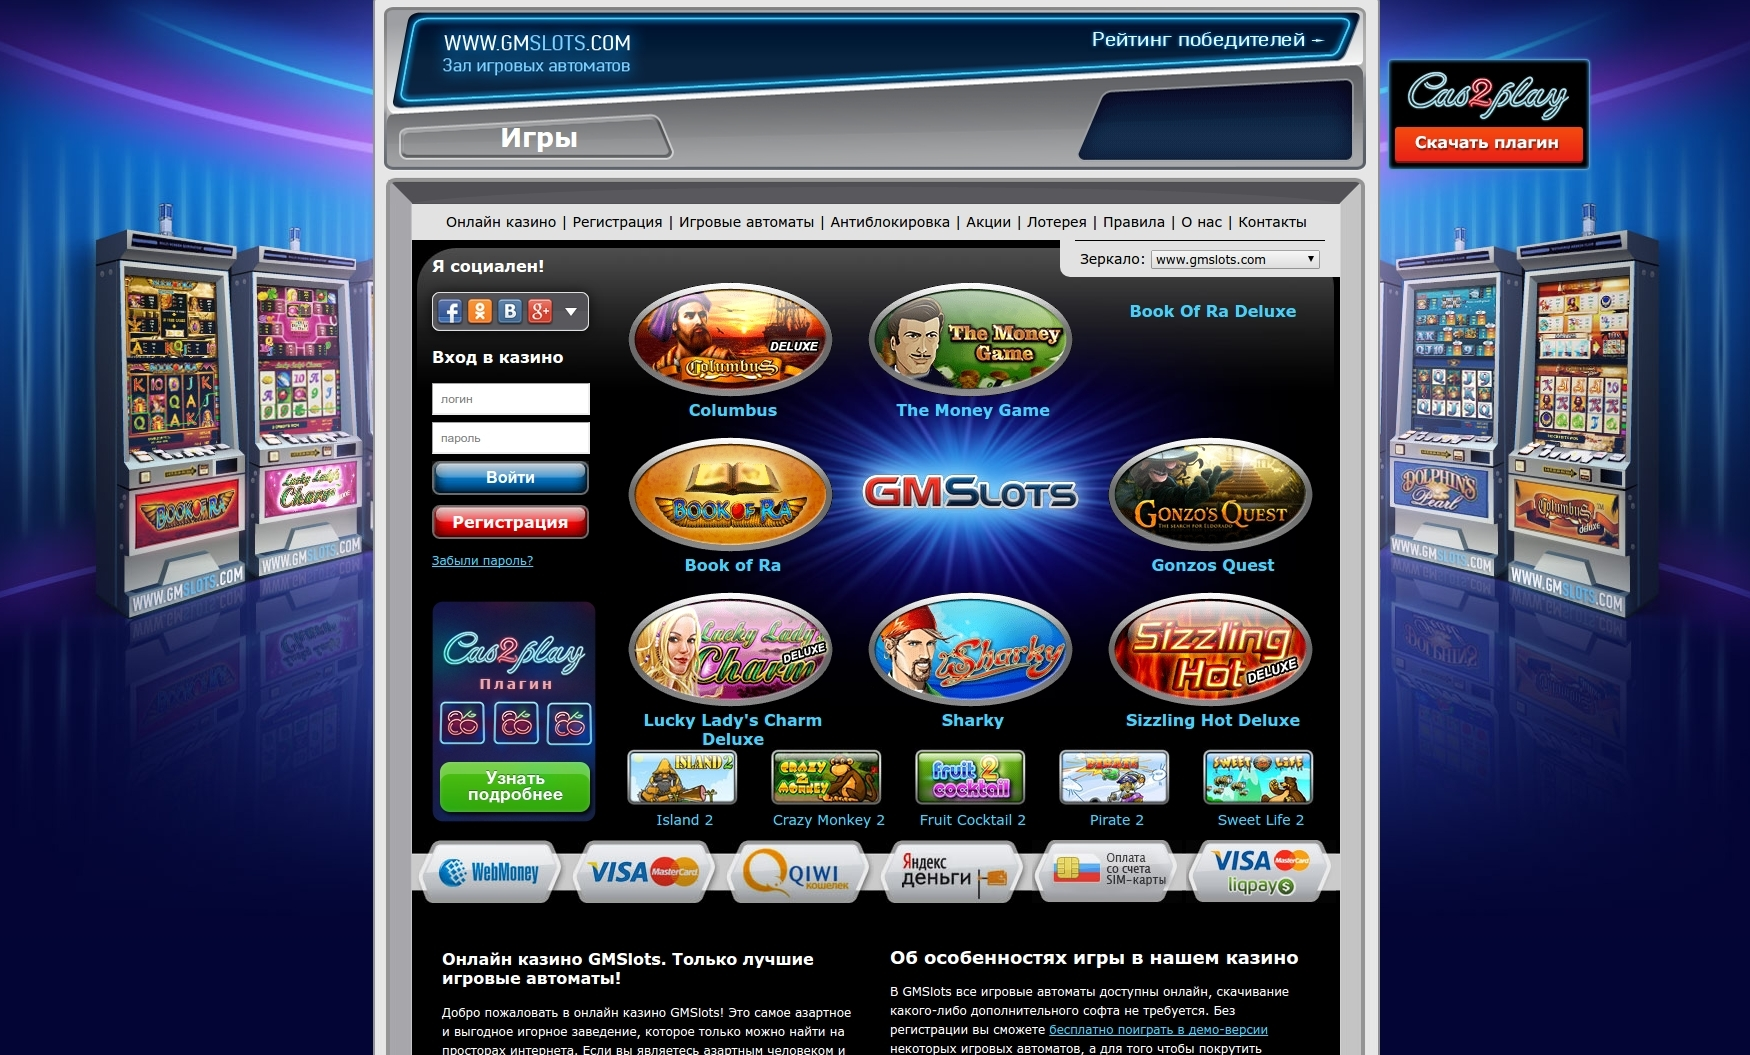 игровые автоматы slot v официальное зеркало